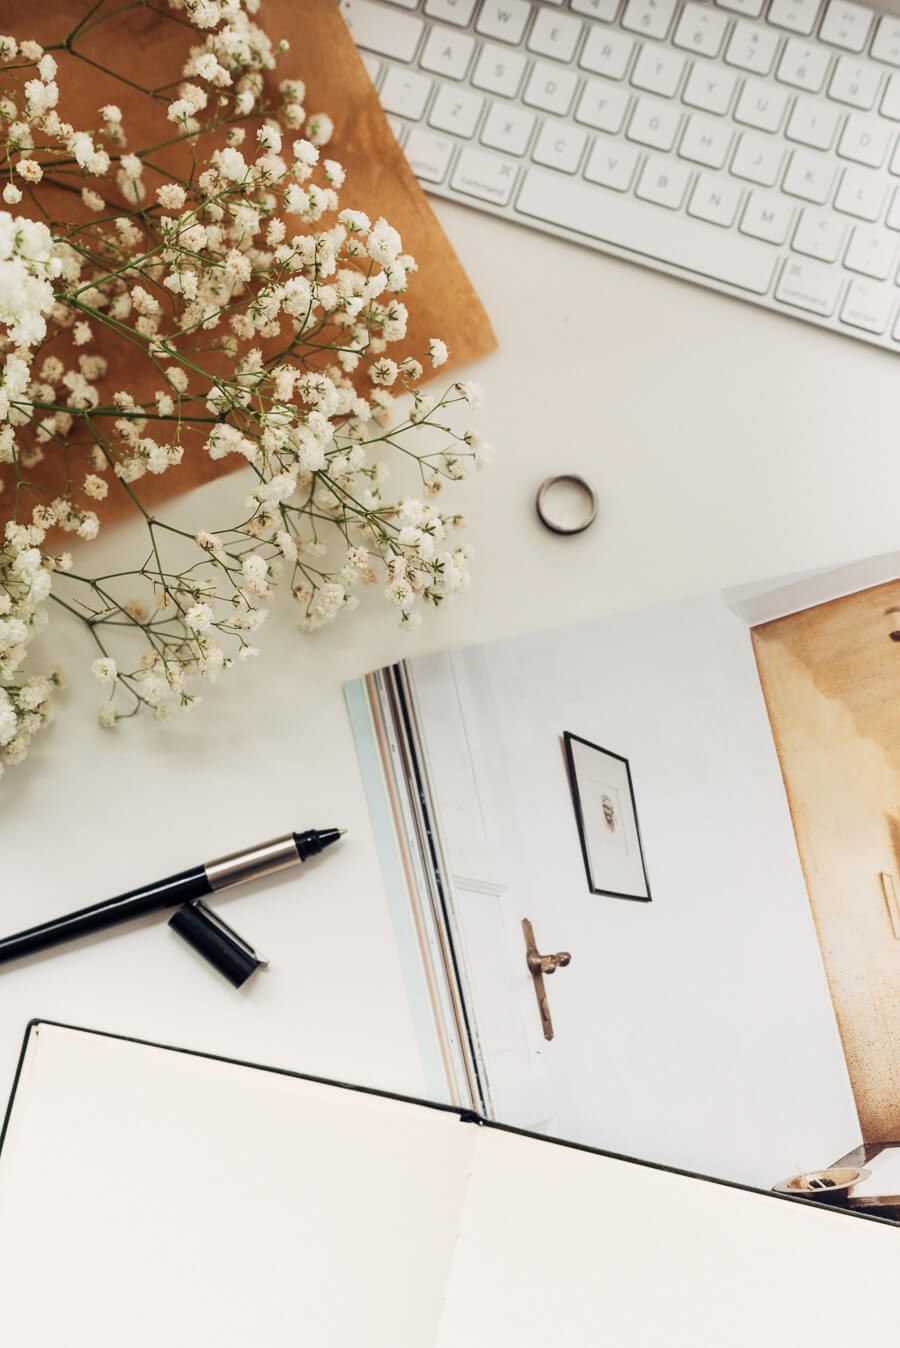 Co zrobić, aby blog wyglądał profesjonalnie